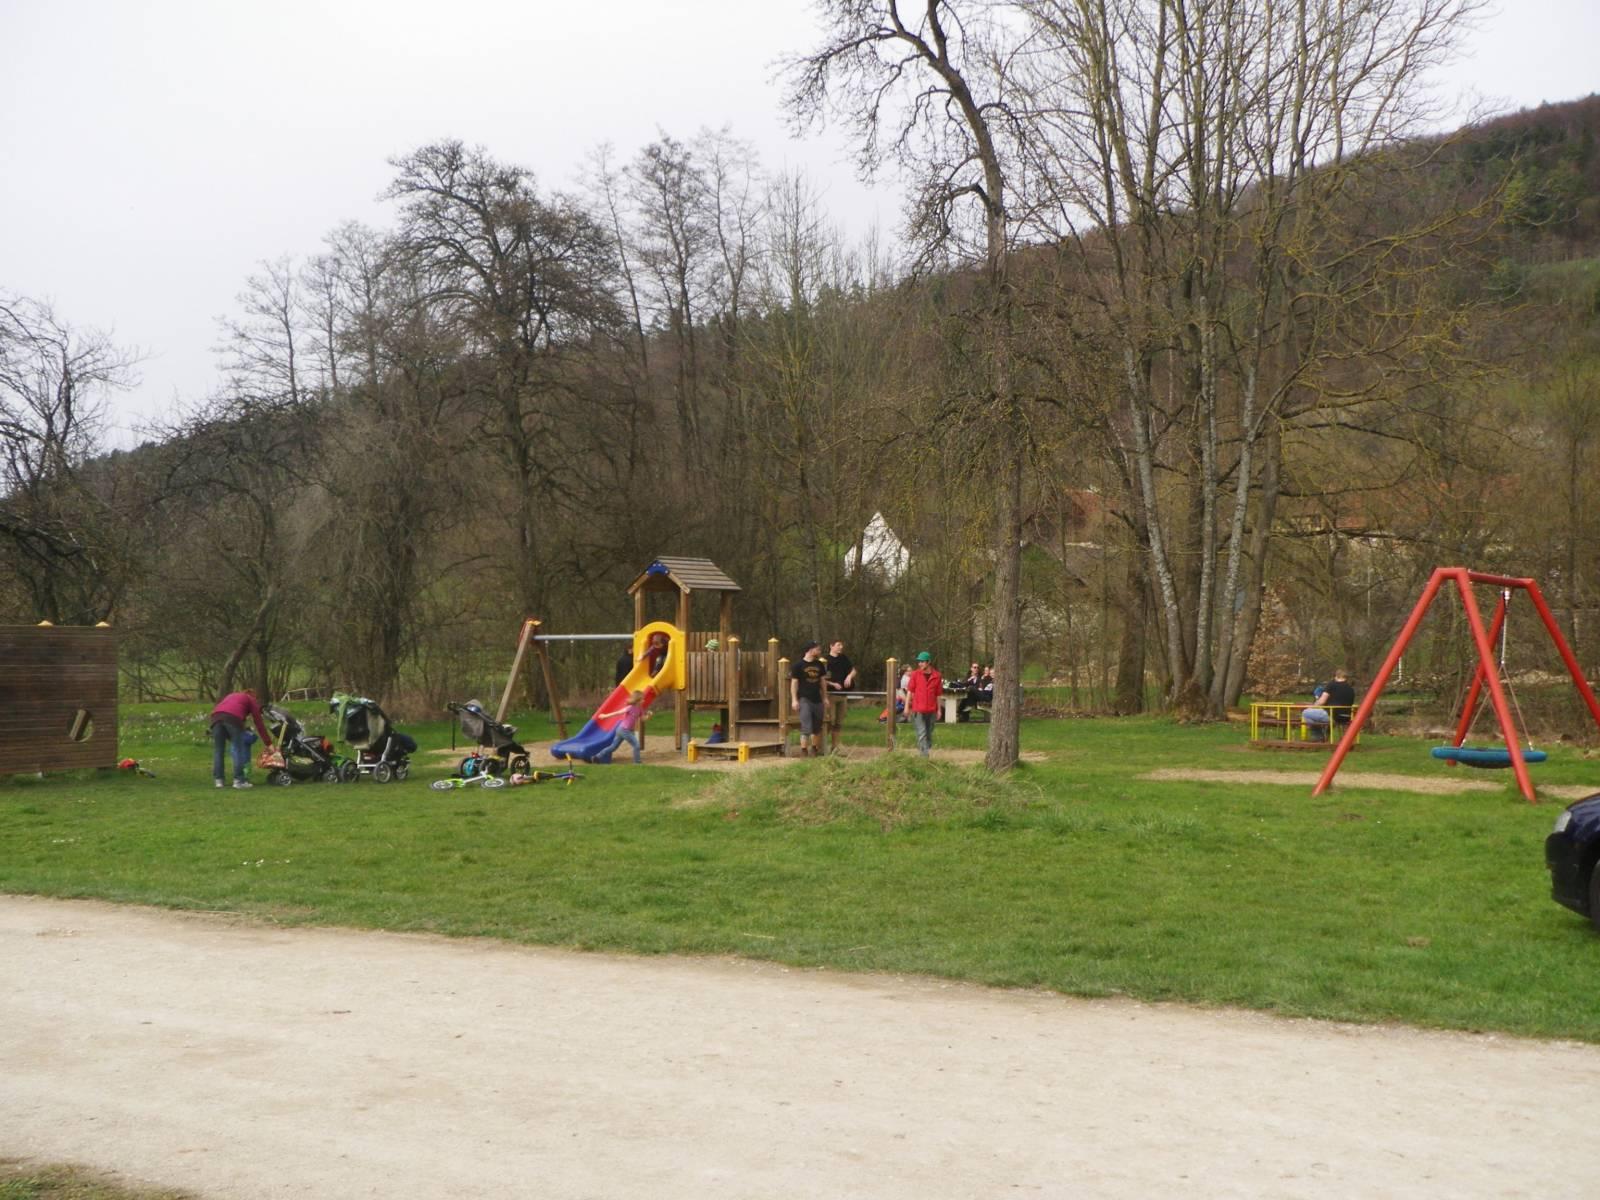 Spielplatz Unterzaunsbach in Pretzfeld, Unterzaunsbach | spielplatznet.de